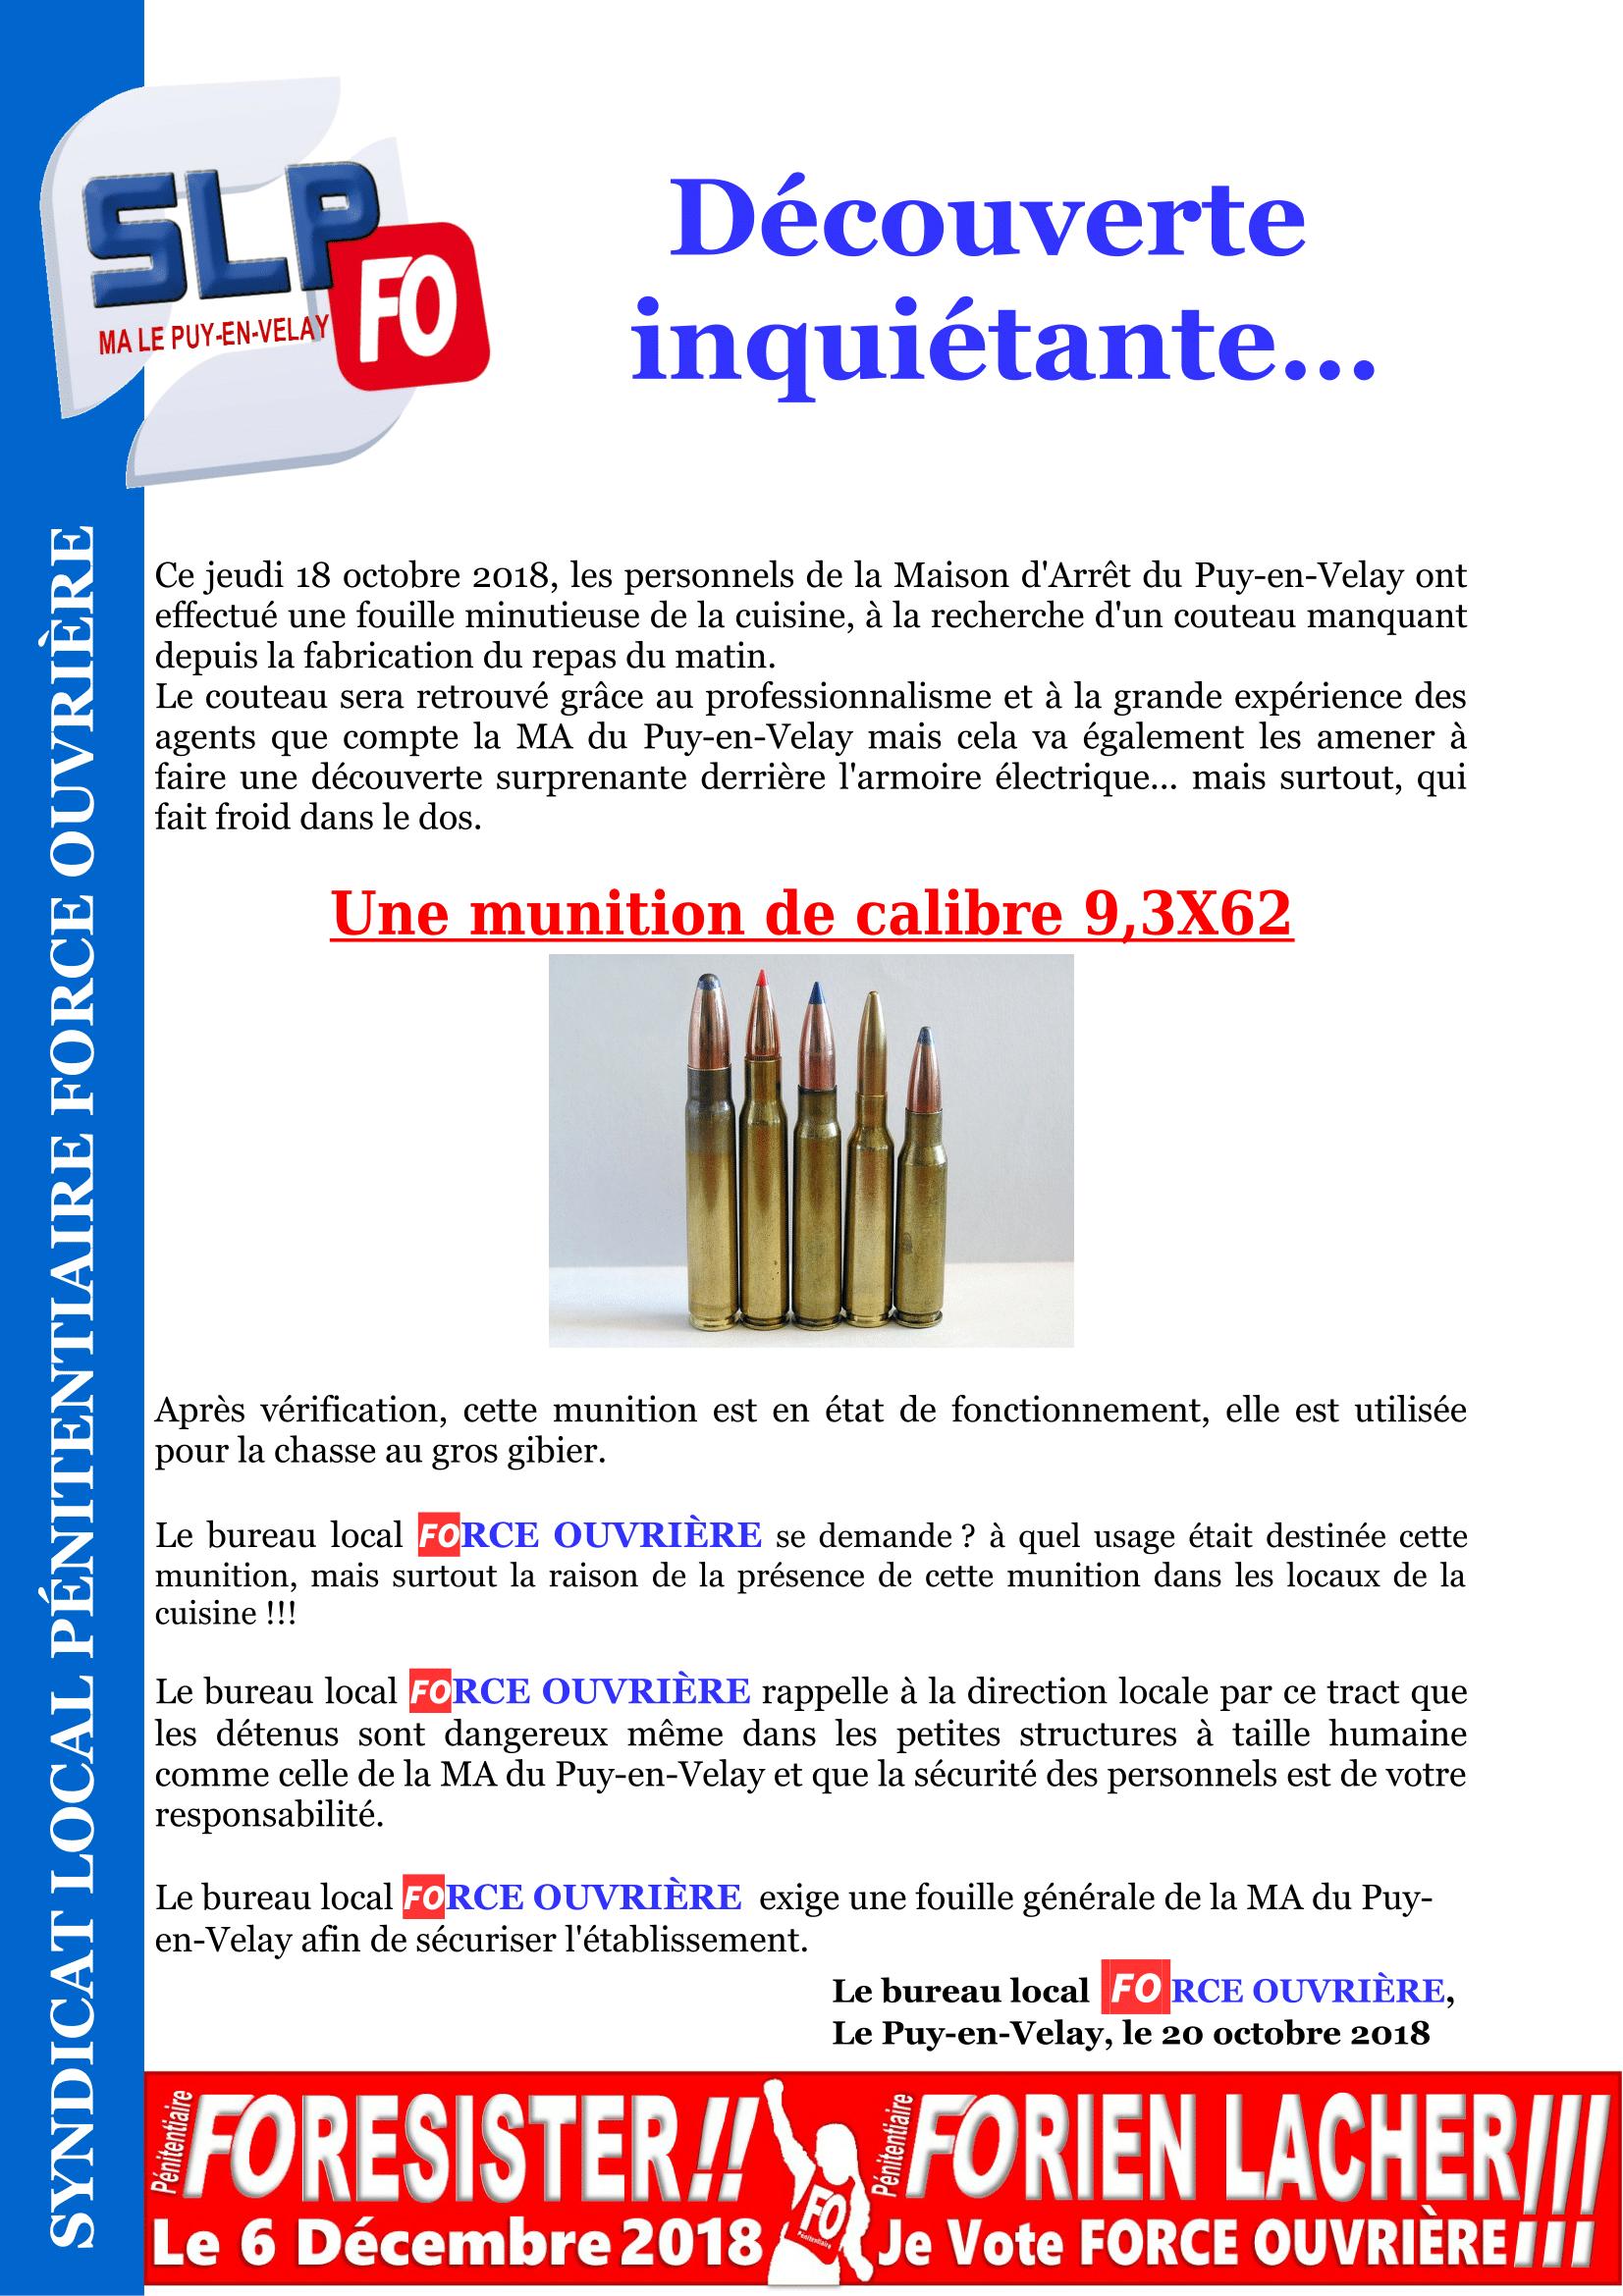 Découverte inquiétante MA Le Puy-en-Velay-1